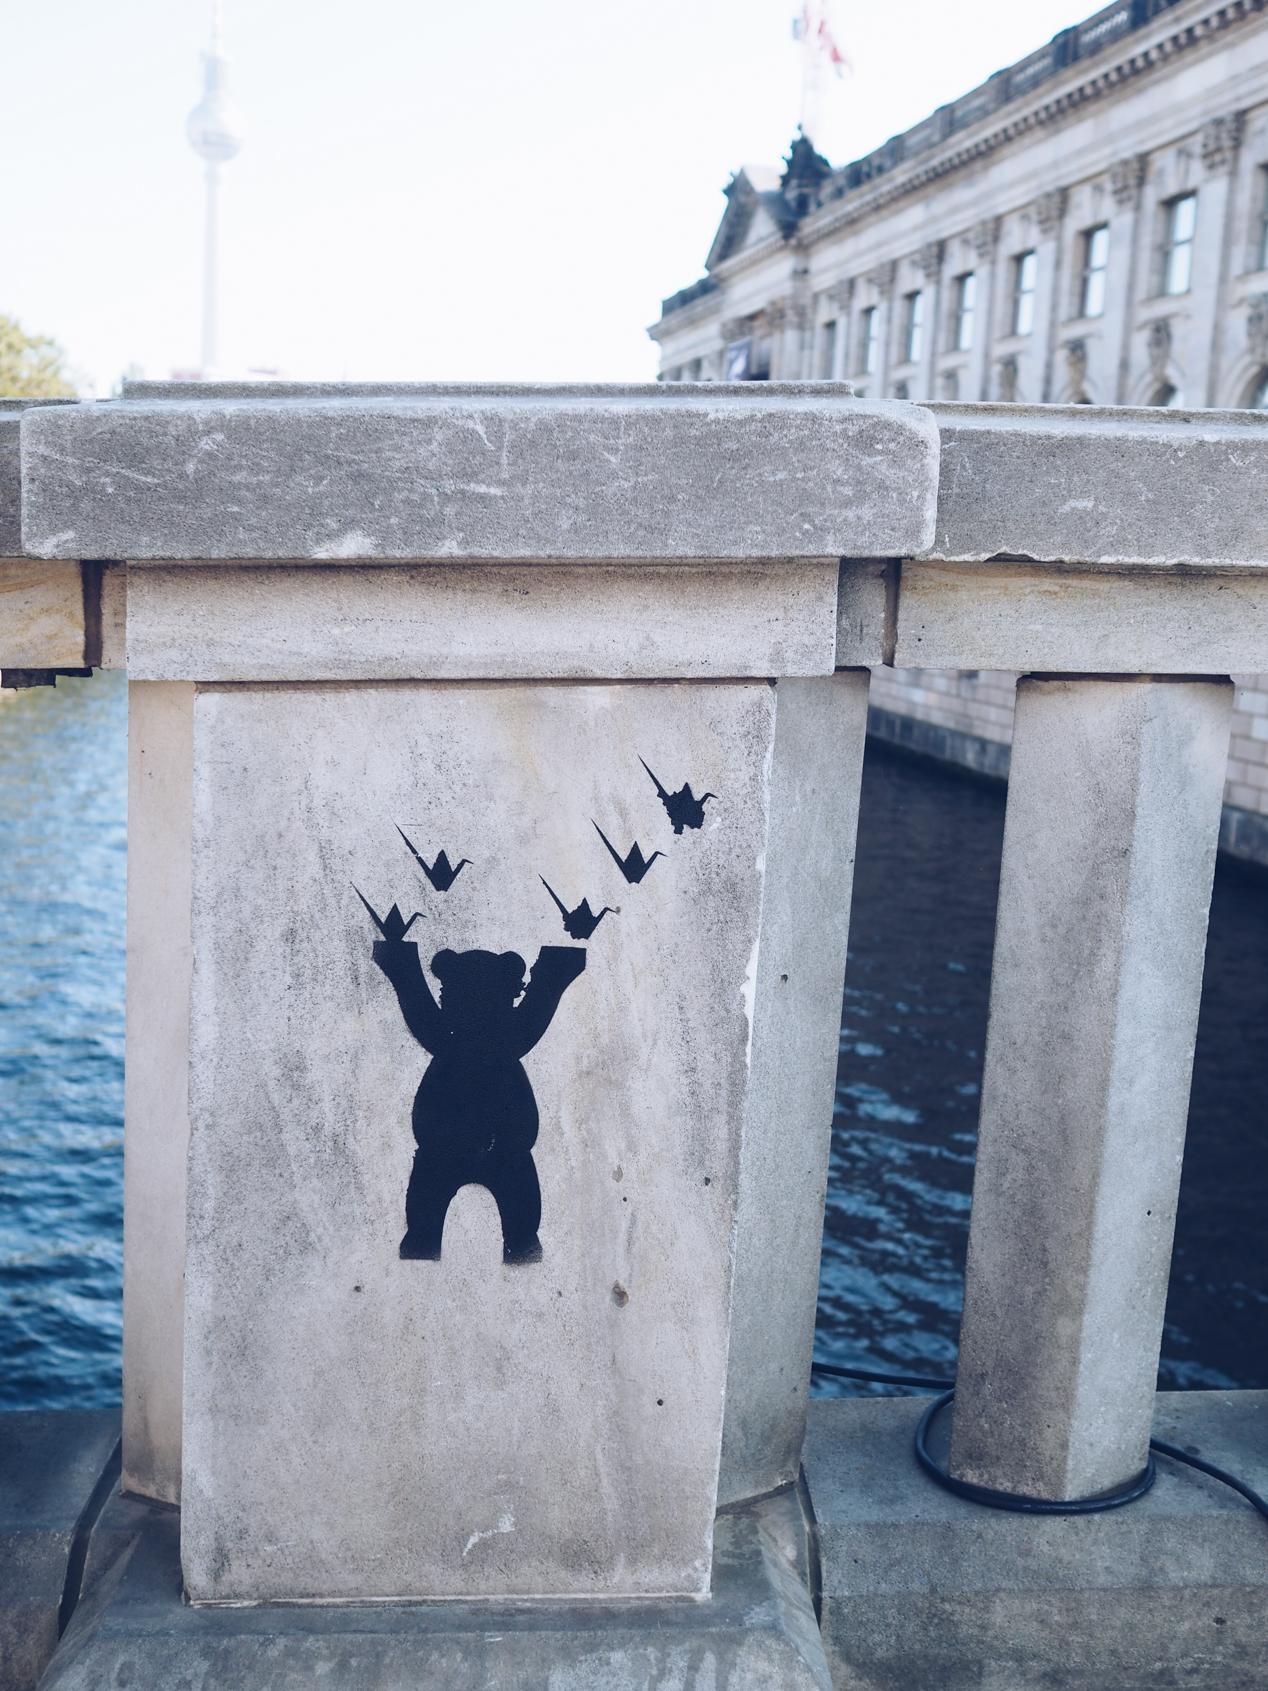 7 conseils pour voyager facilement avec ses enfants - 3 jours en famille a Berlin l La Fiancee du Panda blog maman et lifestyle-9305109